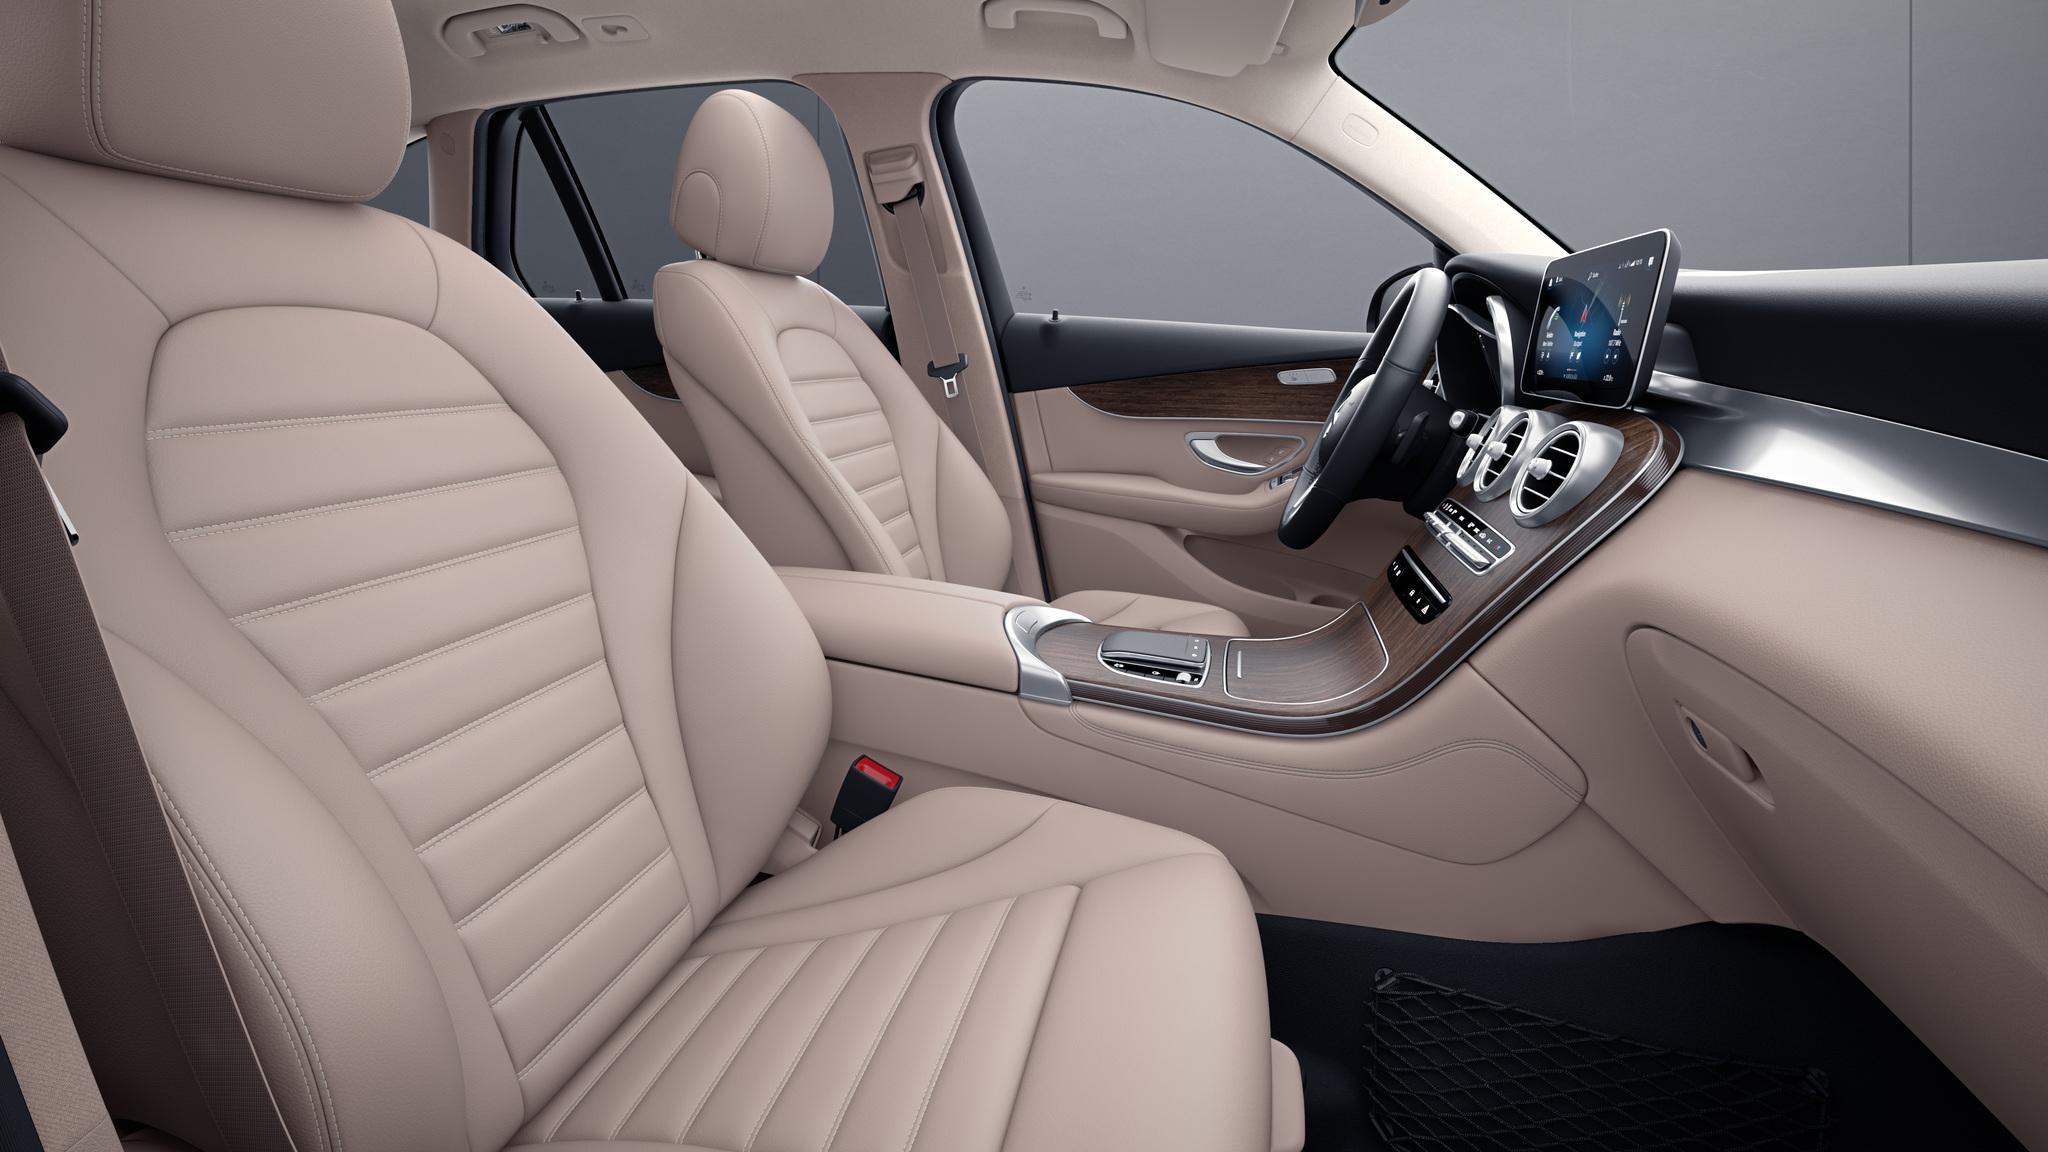 Habitacle de la Mercedes GLC avec une Sellerie cuir - beige soie naturelle noir